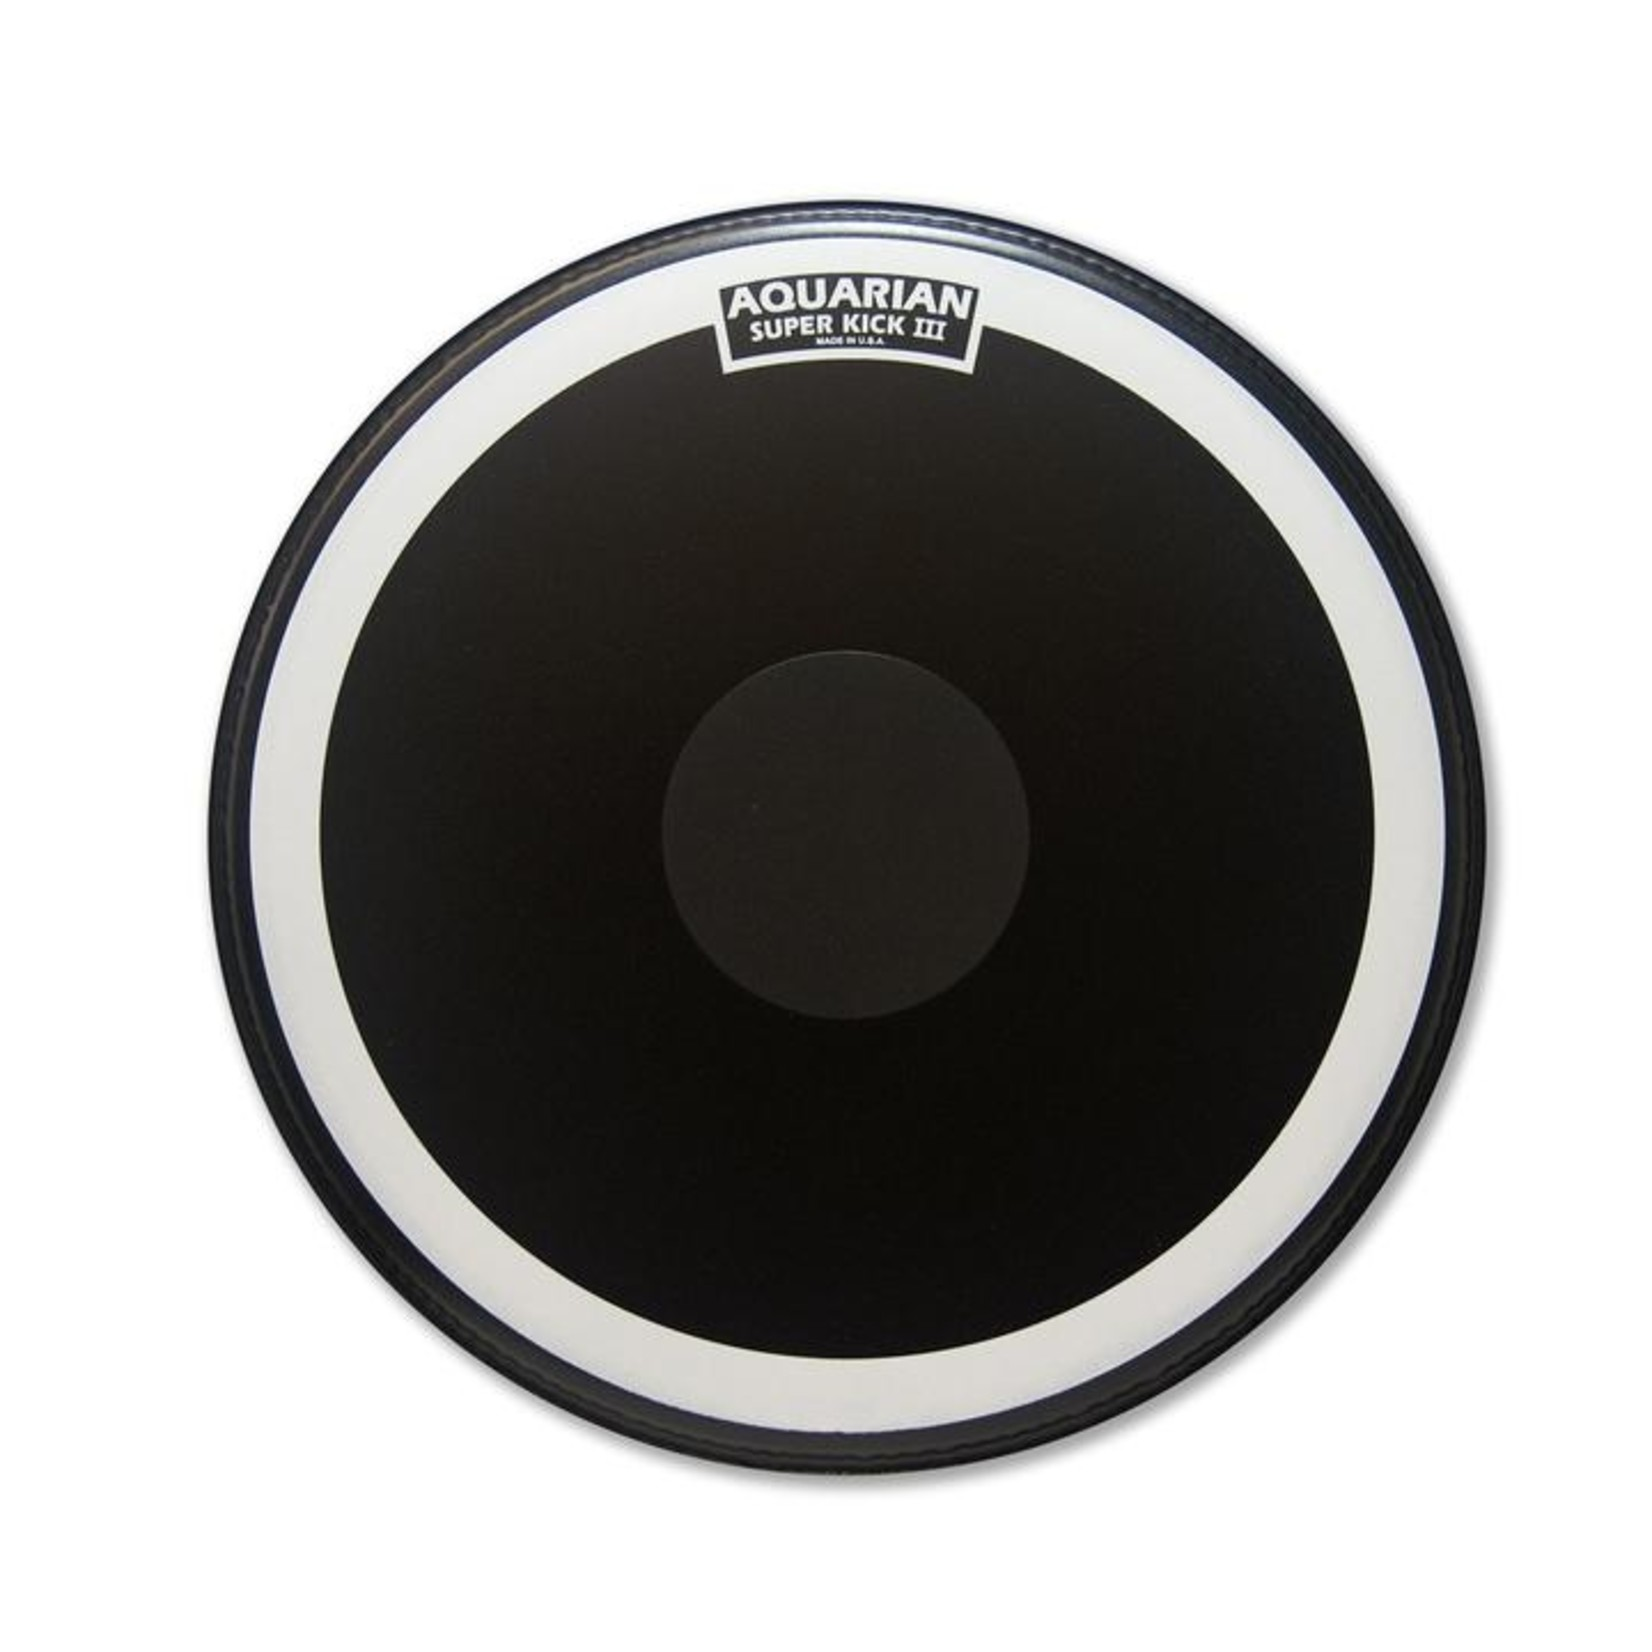 Aquarian Aquarian Superkick III Black Texture Coated Bass Drum